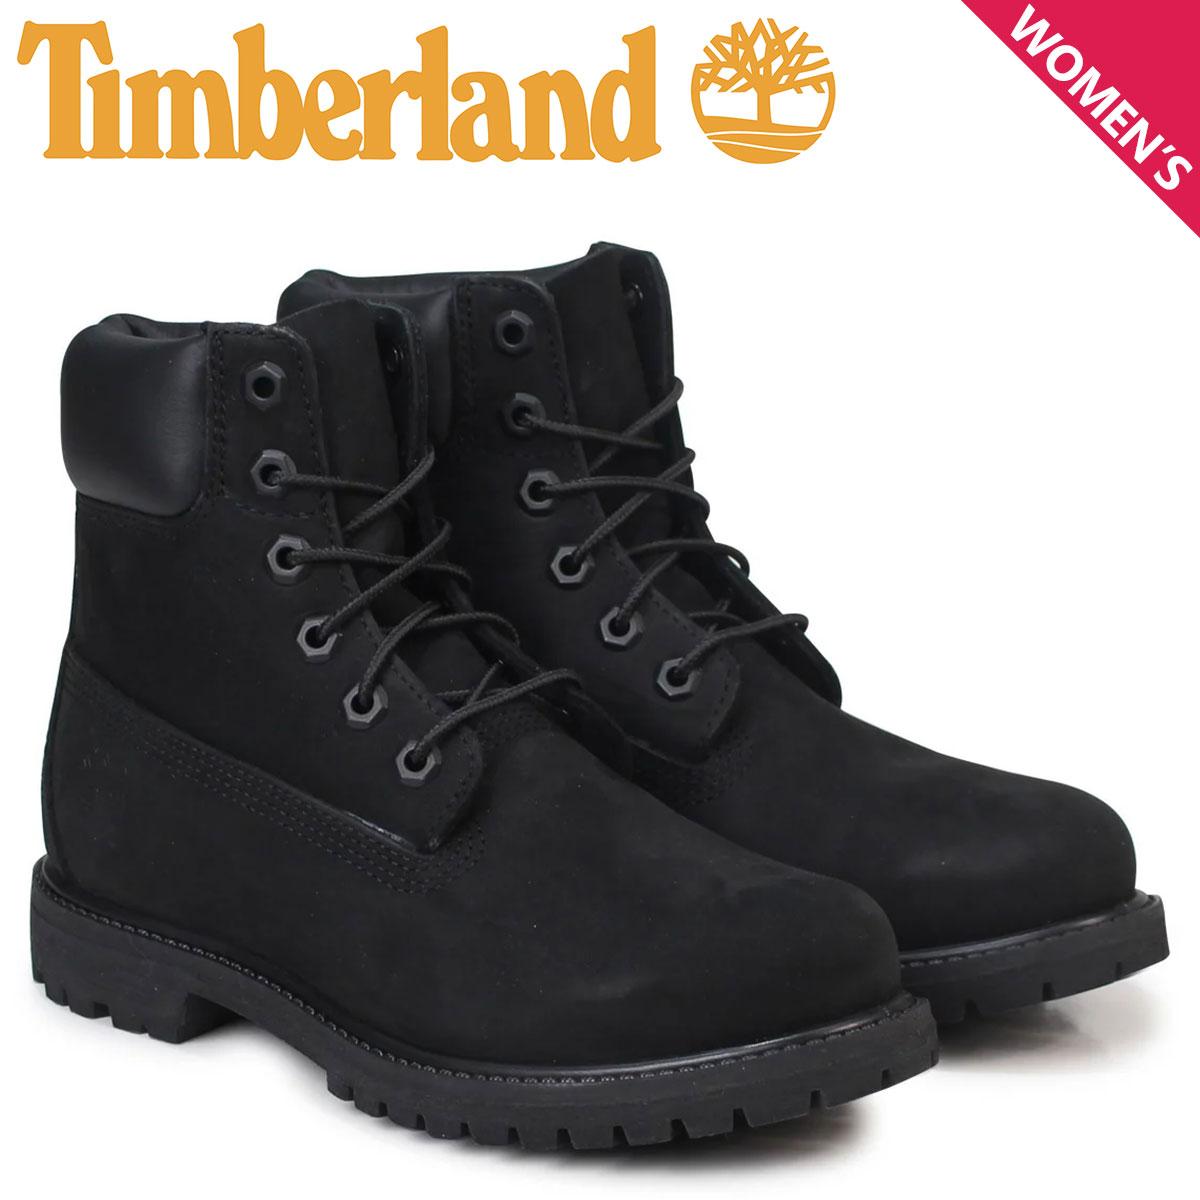 Timberland ブーツ レディース 6インチ ティンバーランド WOMENS 6INCH PREMIUM WATERPROOF BOOTS 8658A Wワイズ プレミアム 防水 ブラック